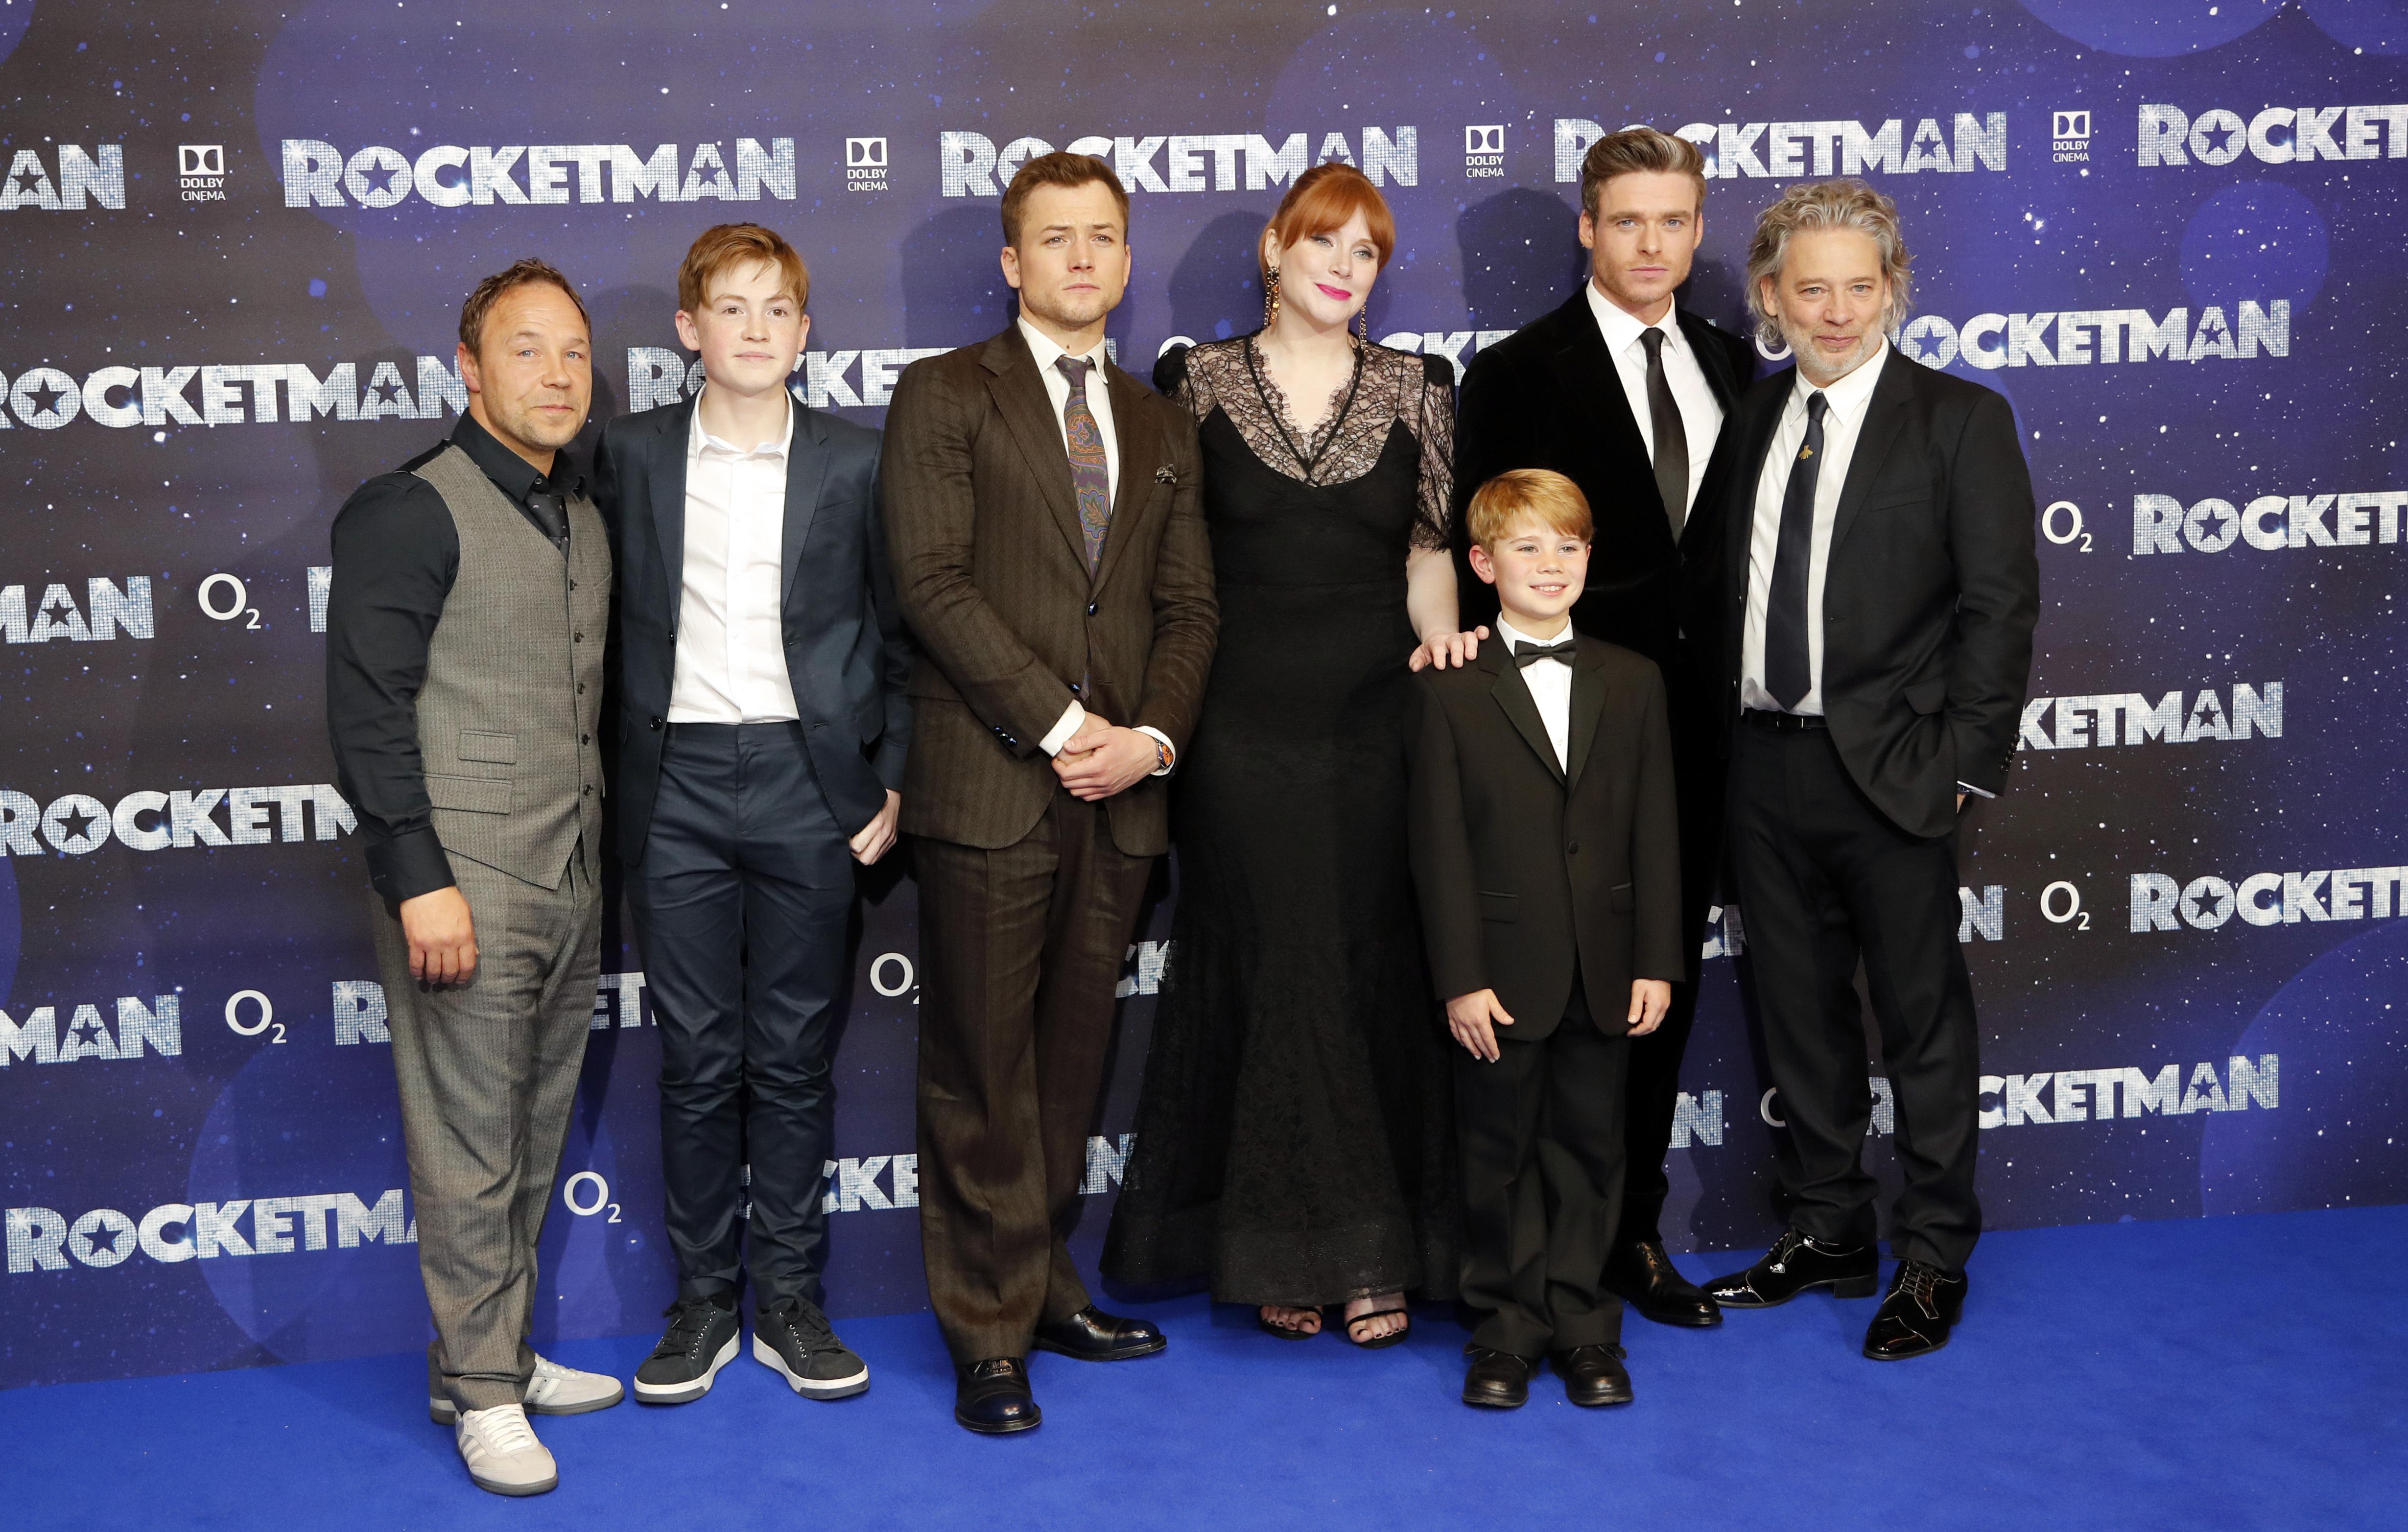 El director, Director Dexter Fletcher, posa junto al elenco de Rocketman en el Odeon Luxe de Londres, la noche de estreno. (AP Photo/Frank Augstein)